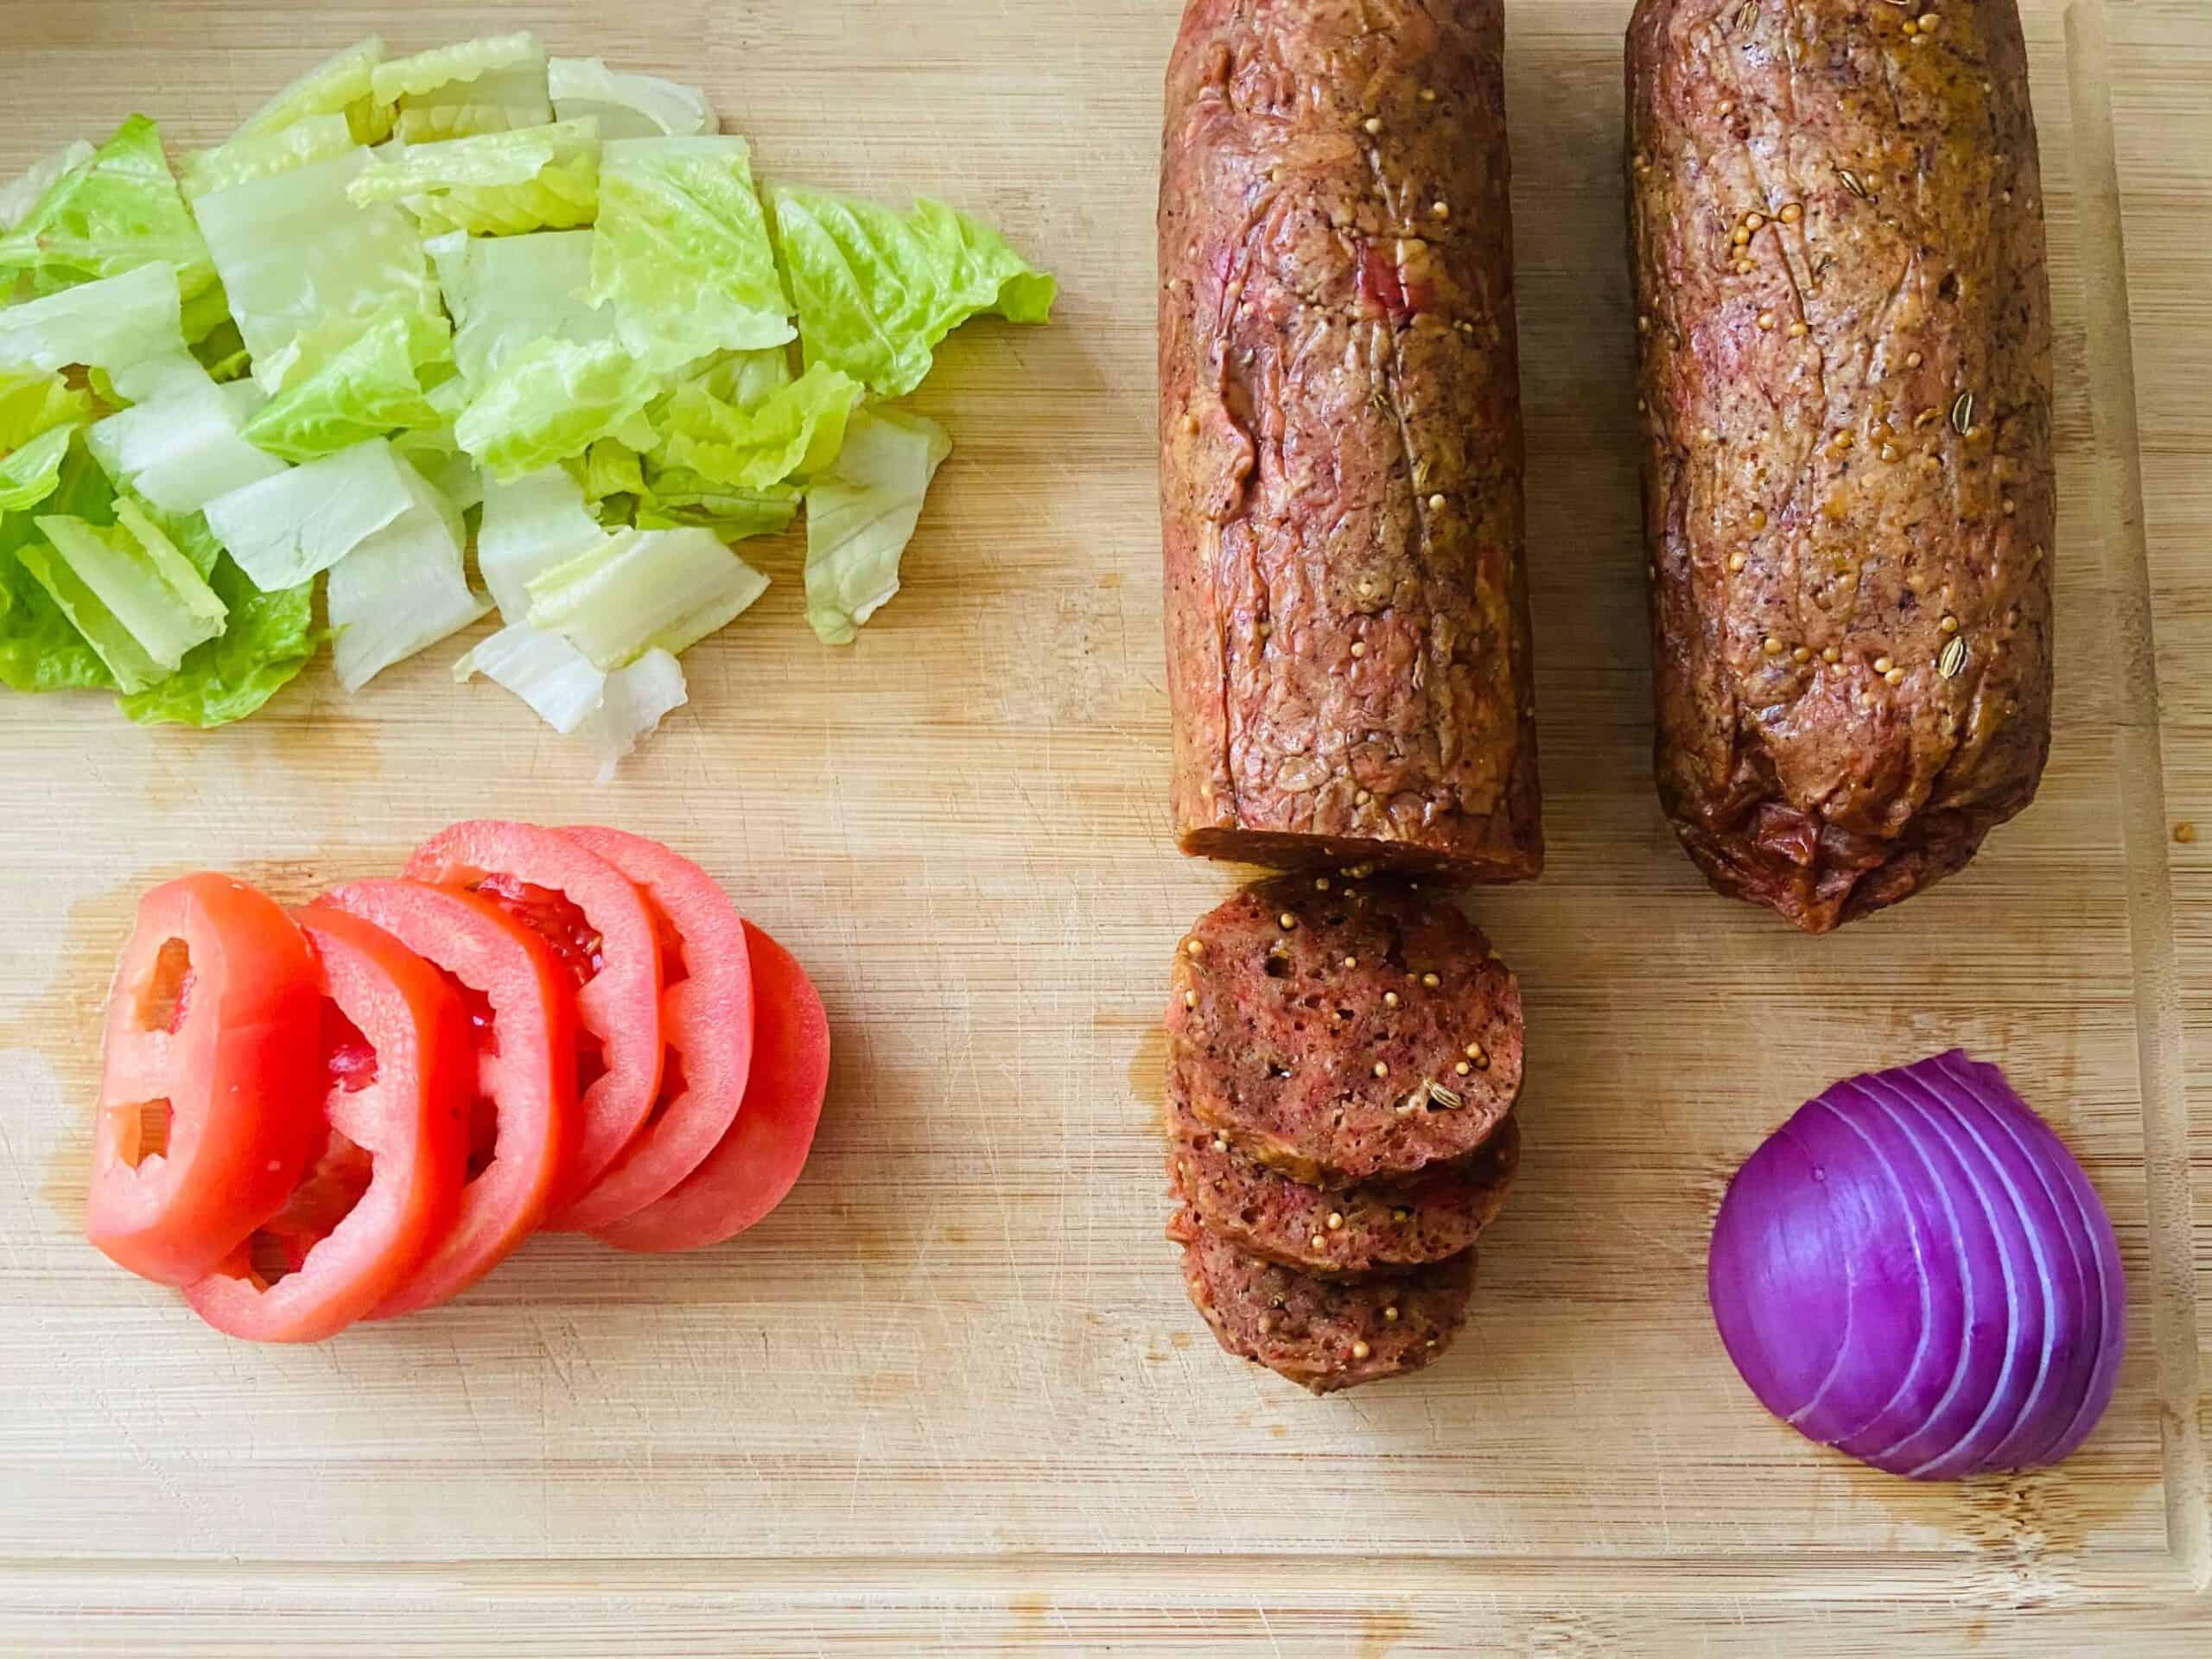 Vegan Salami (Seitan Salami) And the Best Ways to Use It